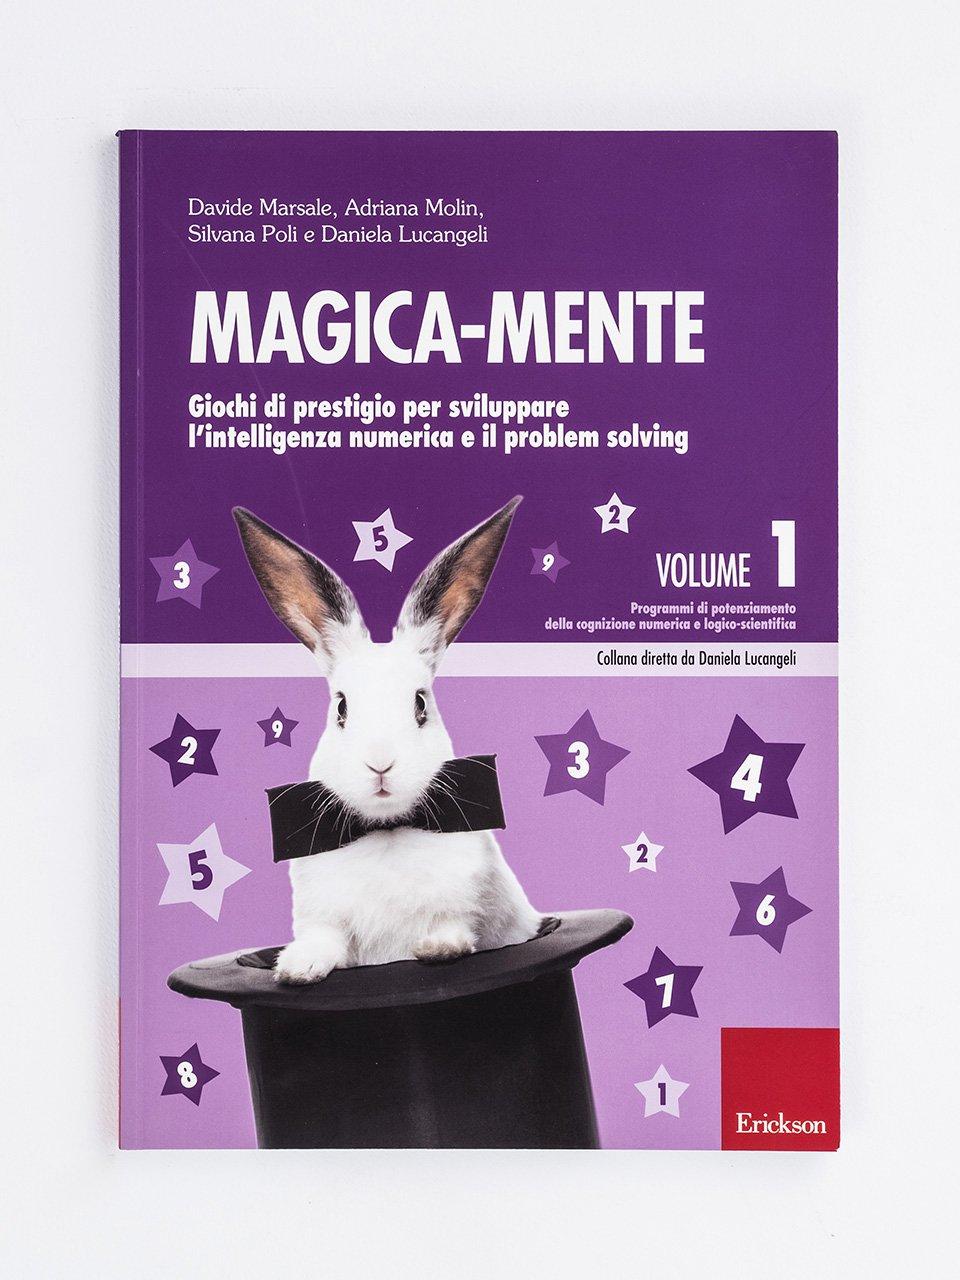 Magica-mente 1 - Equivalenze MAXI - Strumenti - Erickson